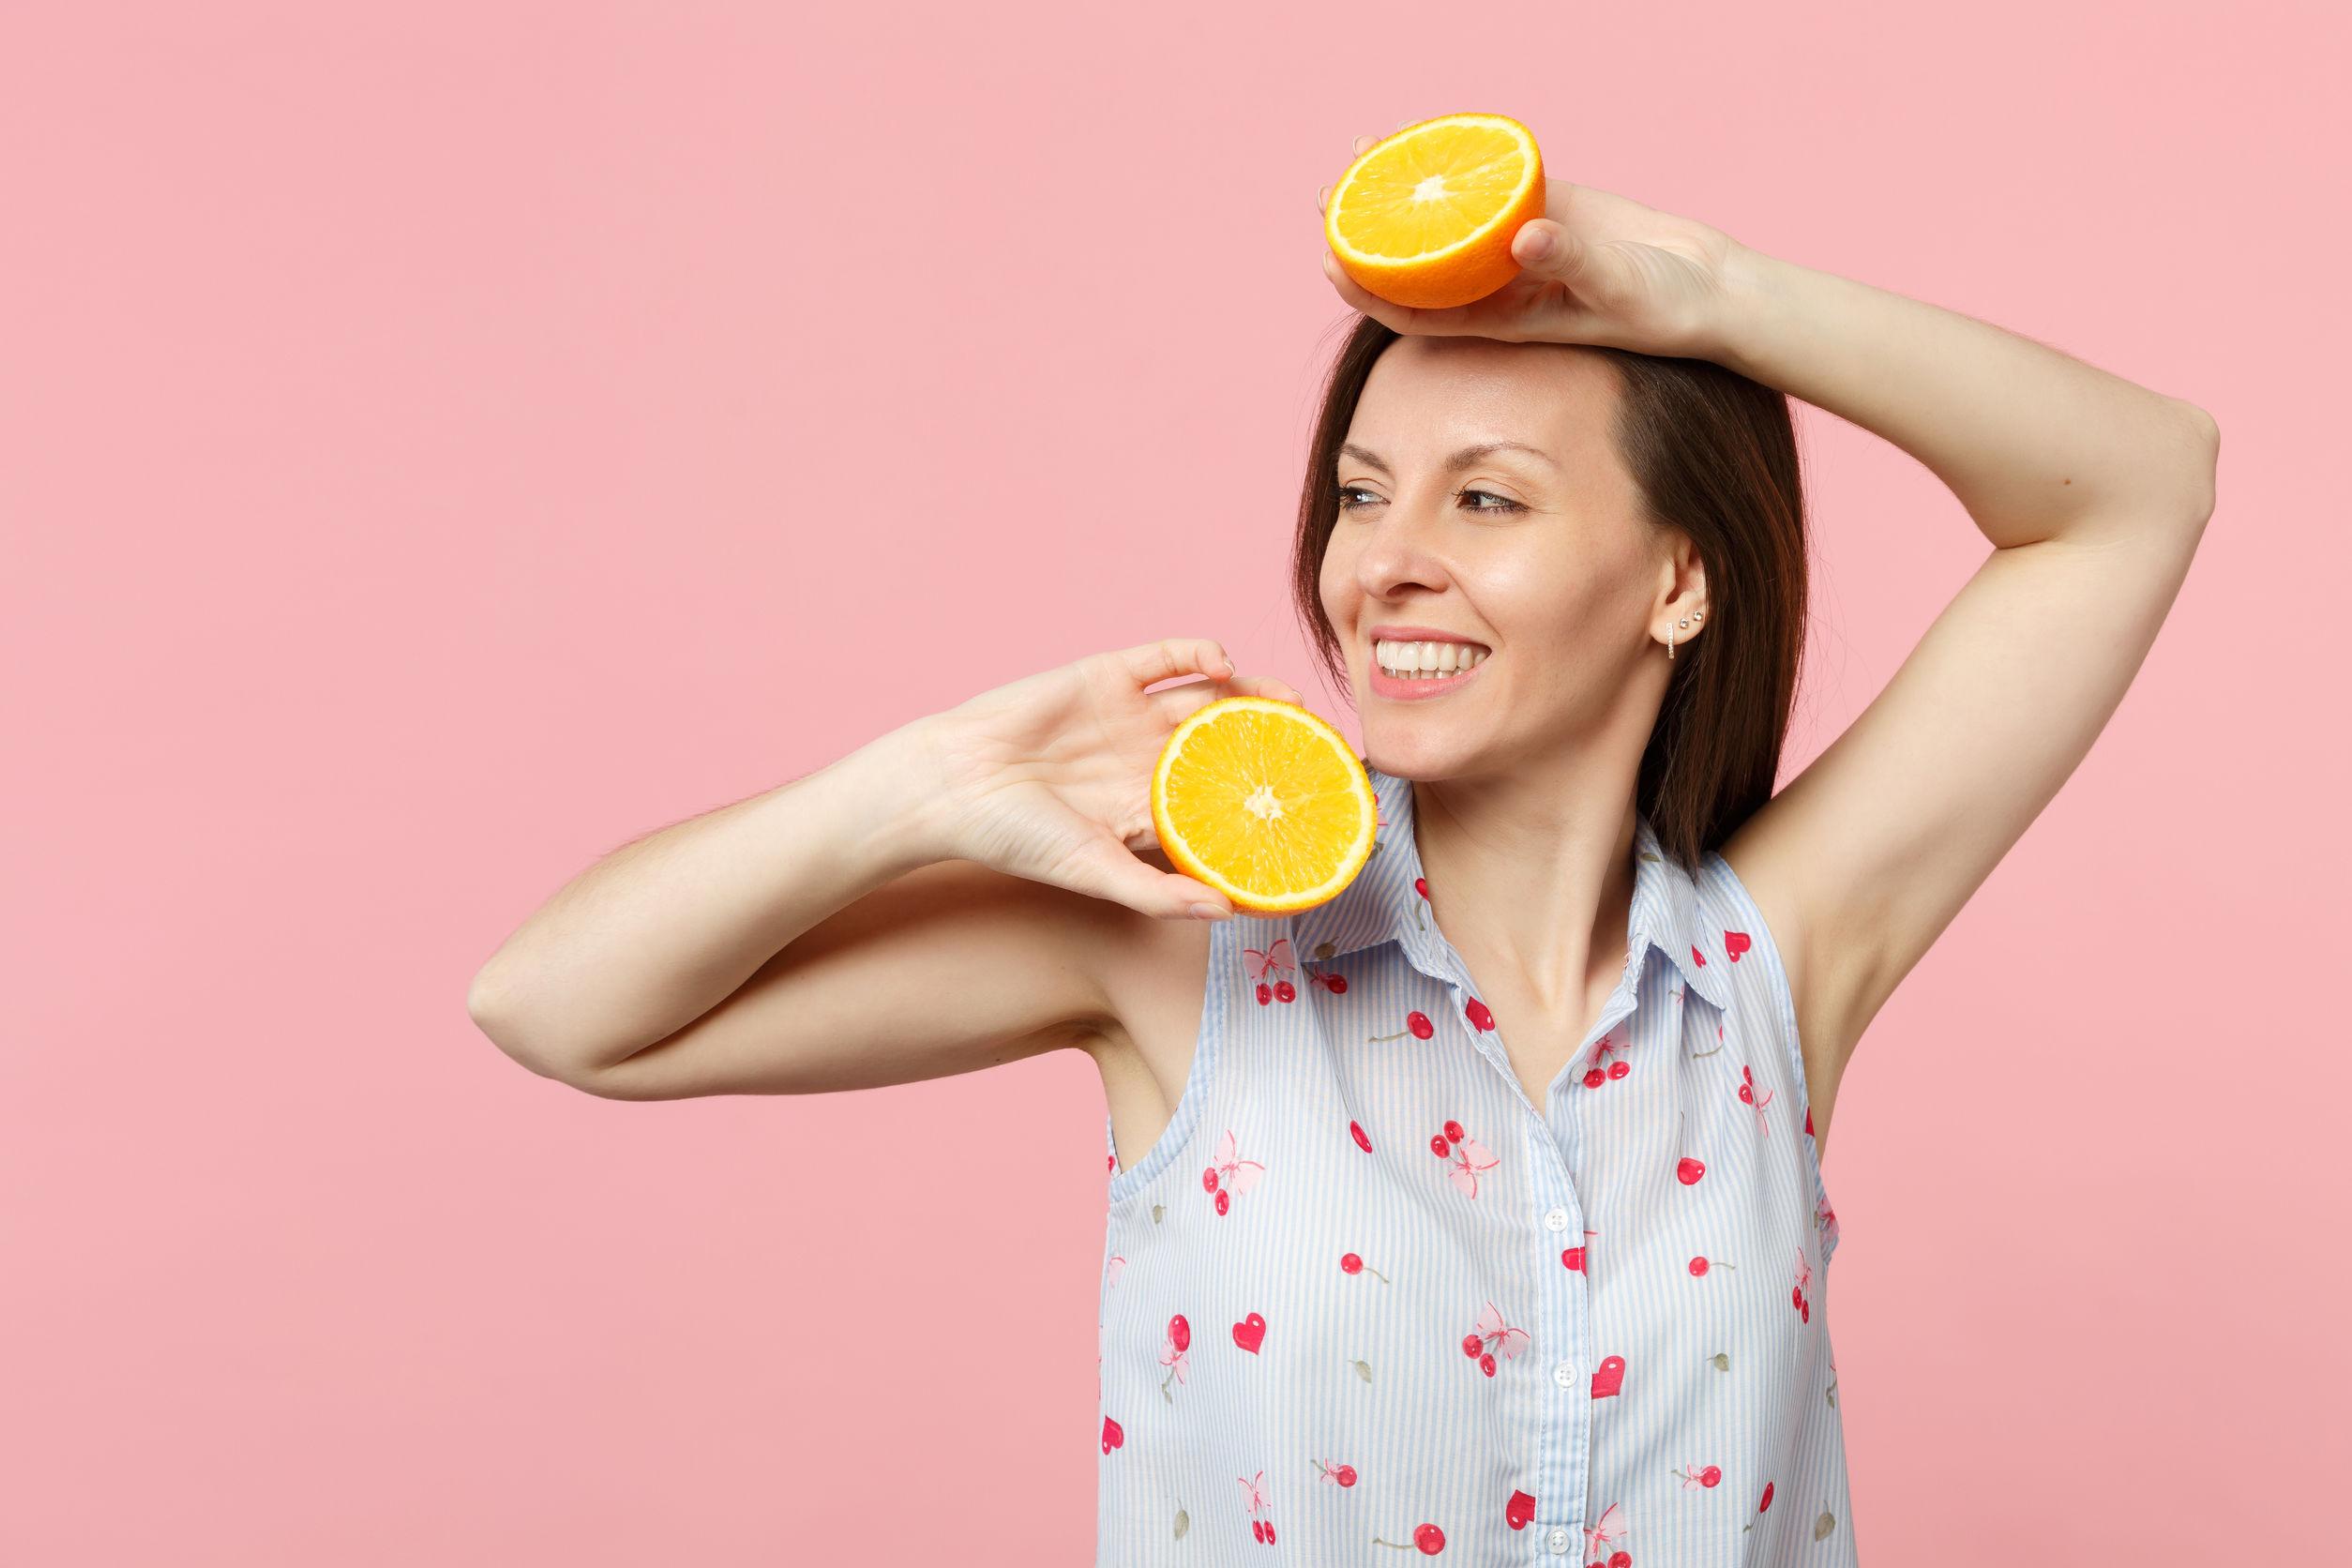 Sonriente a mujer joven en ropa de verano mirando a un lado sosteniendo dos mitades de fruta naranja madura fresca aislada sobre fondo rosa pastel.